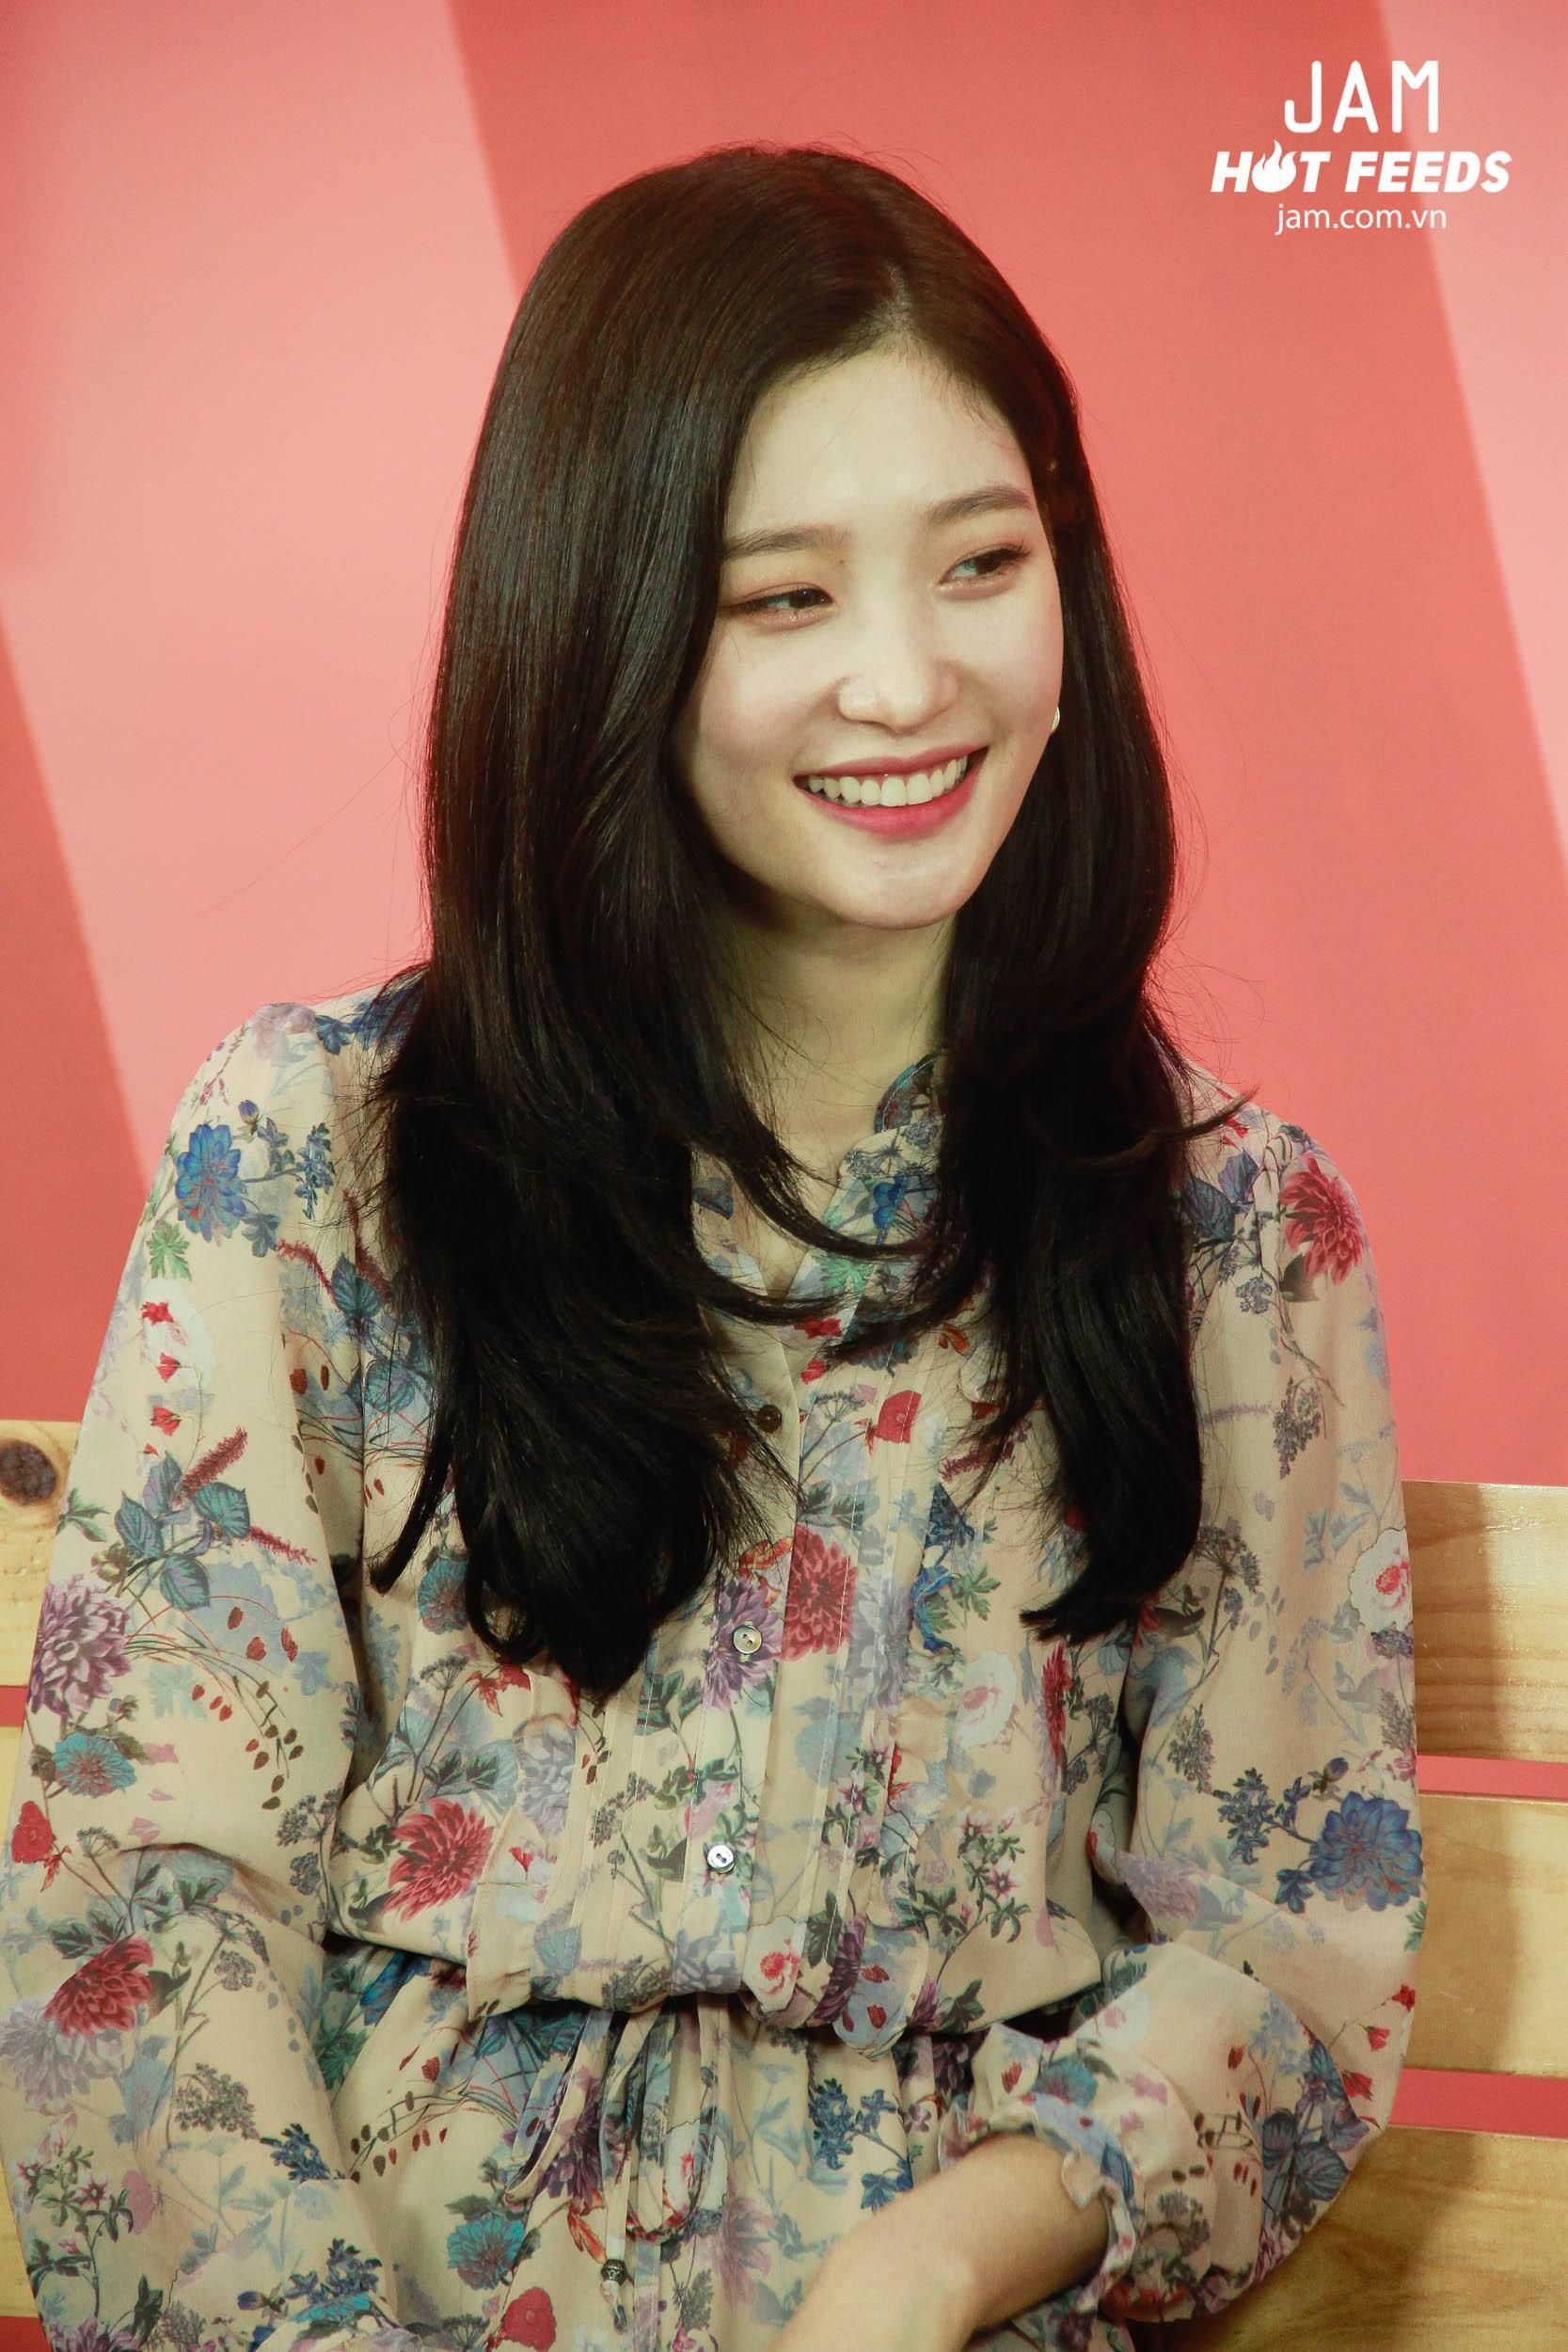 Xứng danh nữ thần thế hệ mới, Chae Yeon đẹp đến xiêu lòng trong bất kỳ khoảnh khắc nào! - Ảnh 13.